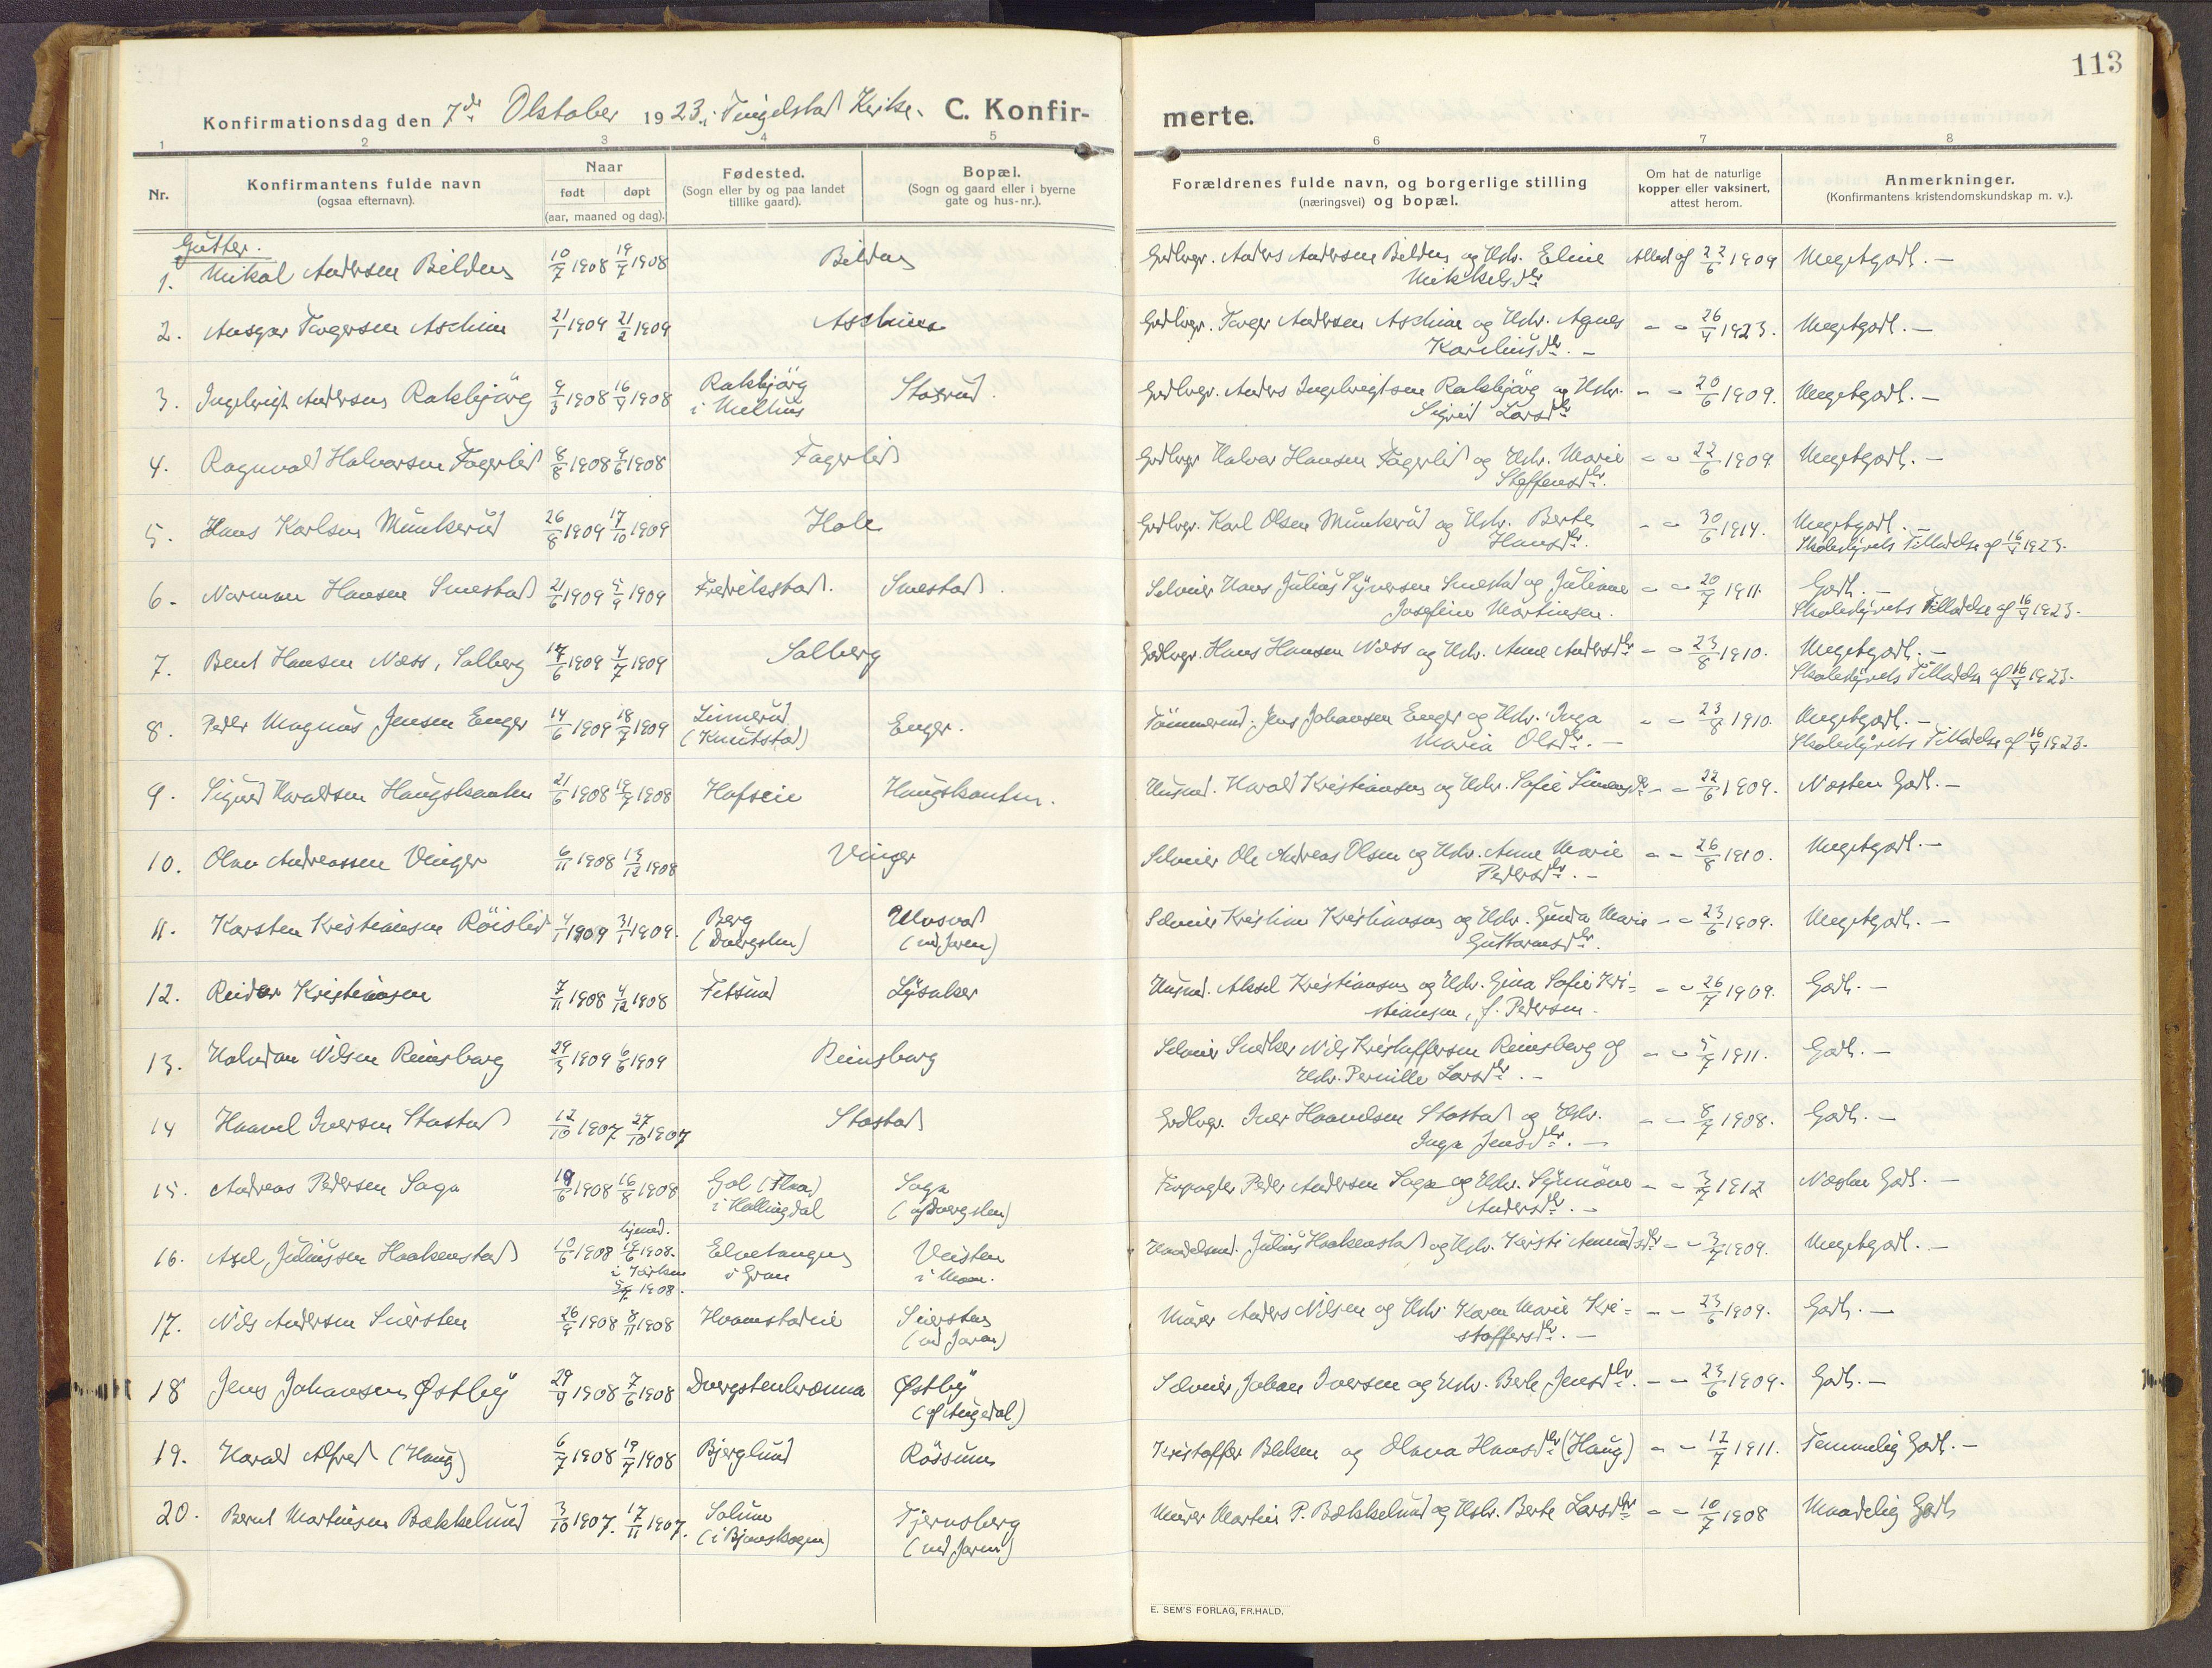 SAH, Brandbu prestekontor, Ministerialbok nr. 3, 1914-1928, s. 113